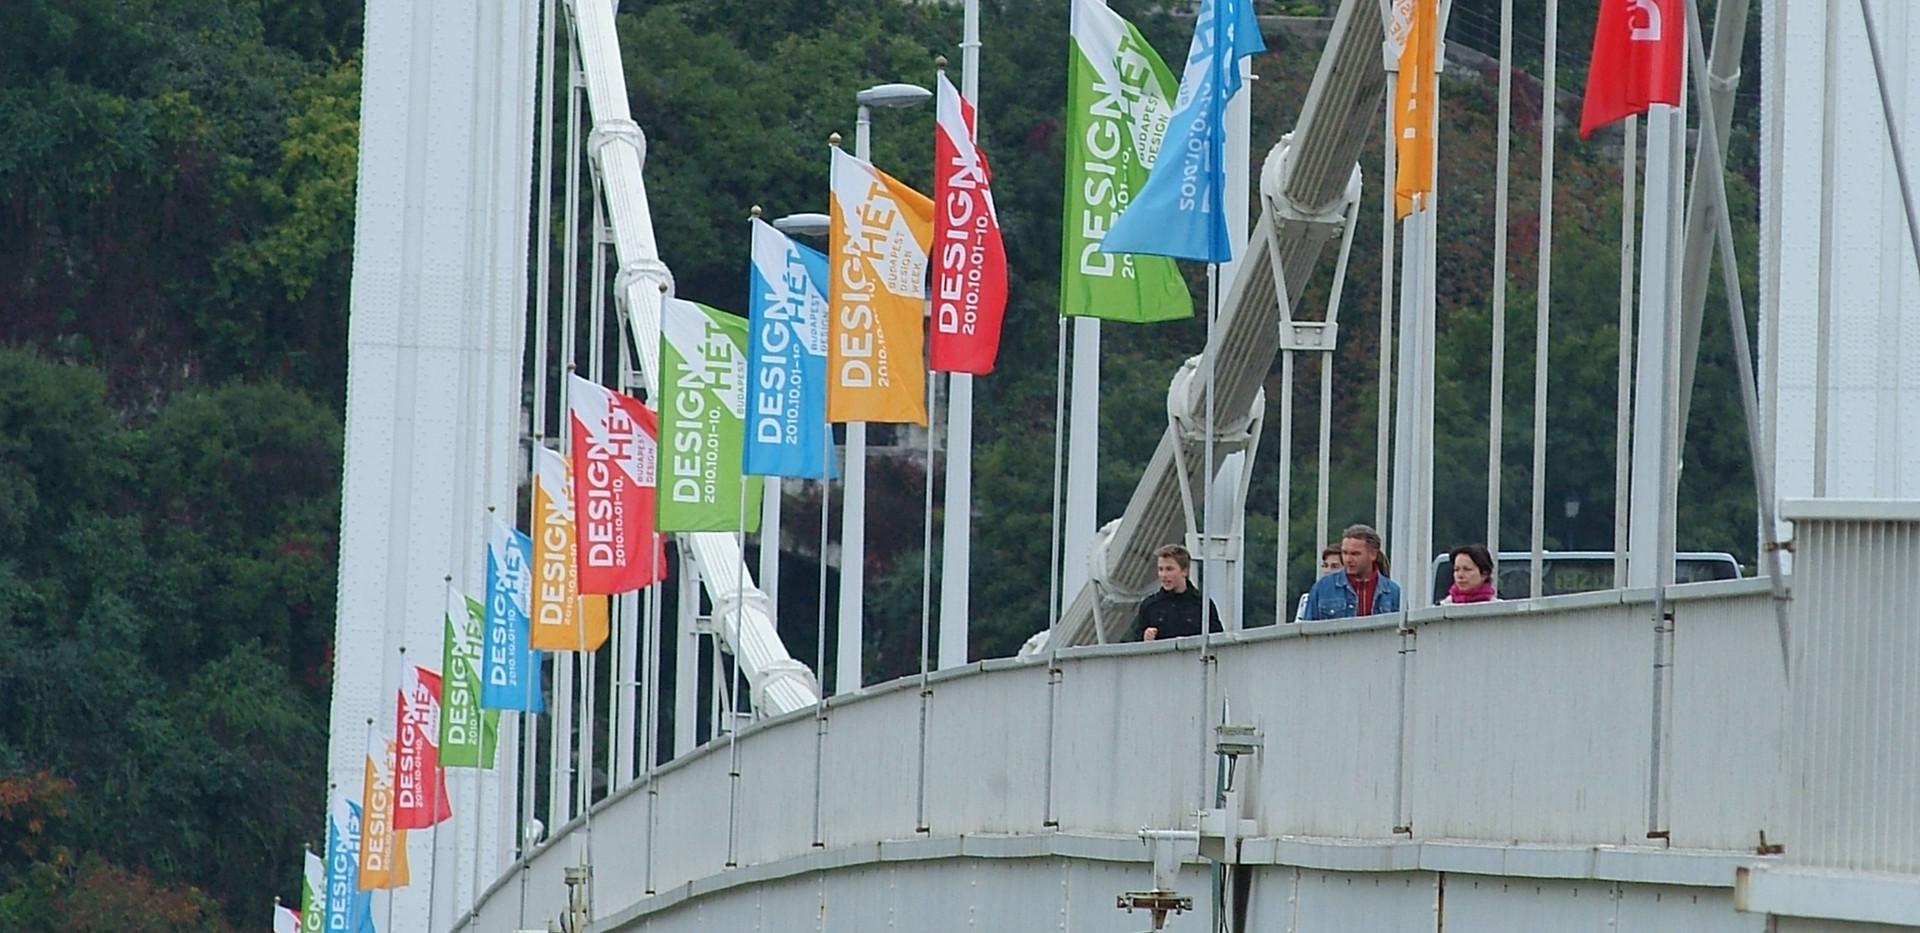 Budapest_Design_Week_2010_flags